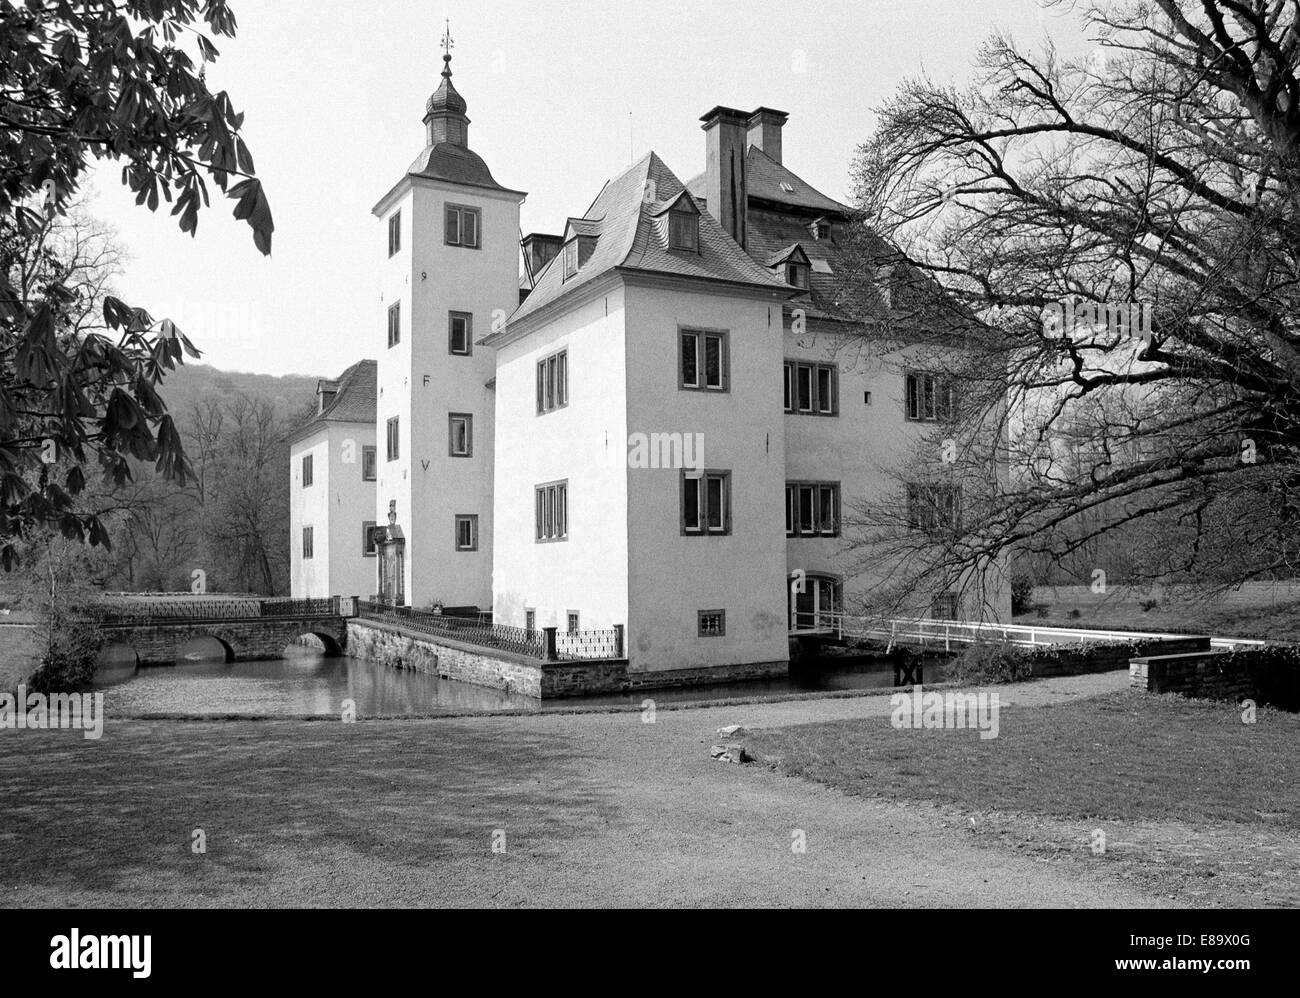 Achtziger Jahre, Barockschloss, Wasserschloss Laer in Meschede, Sauerland, Nordrhein-Westfalen - Stock Image